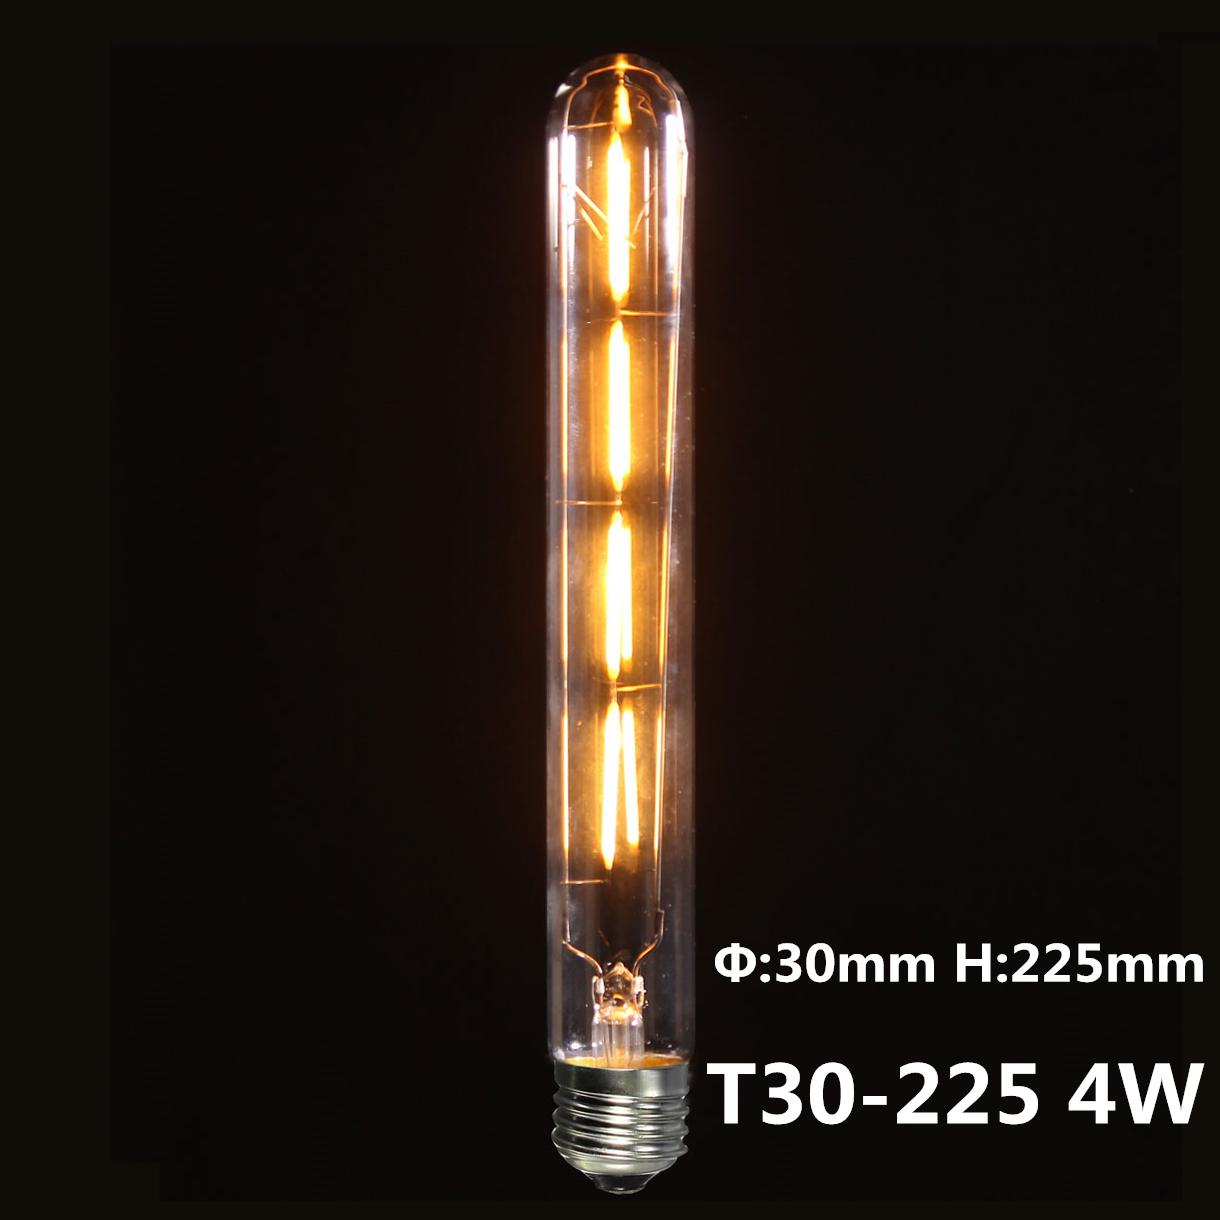 Vintage edison bulb old fashioned lamp classic a60 led 2w or 4w - E27 Es E14 B22 2w 4w Cob Led